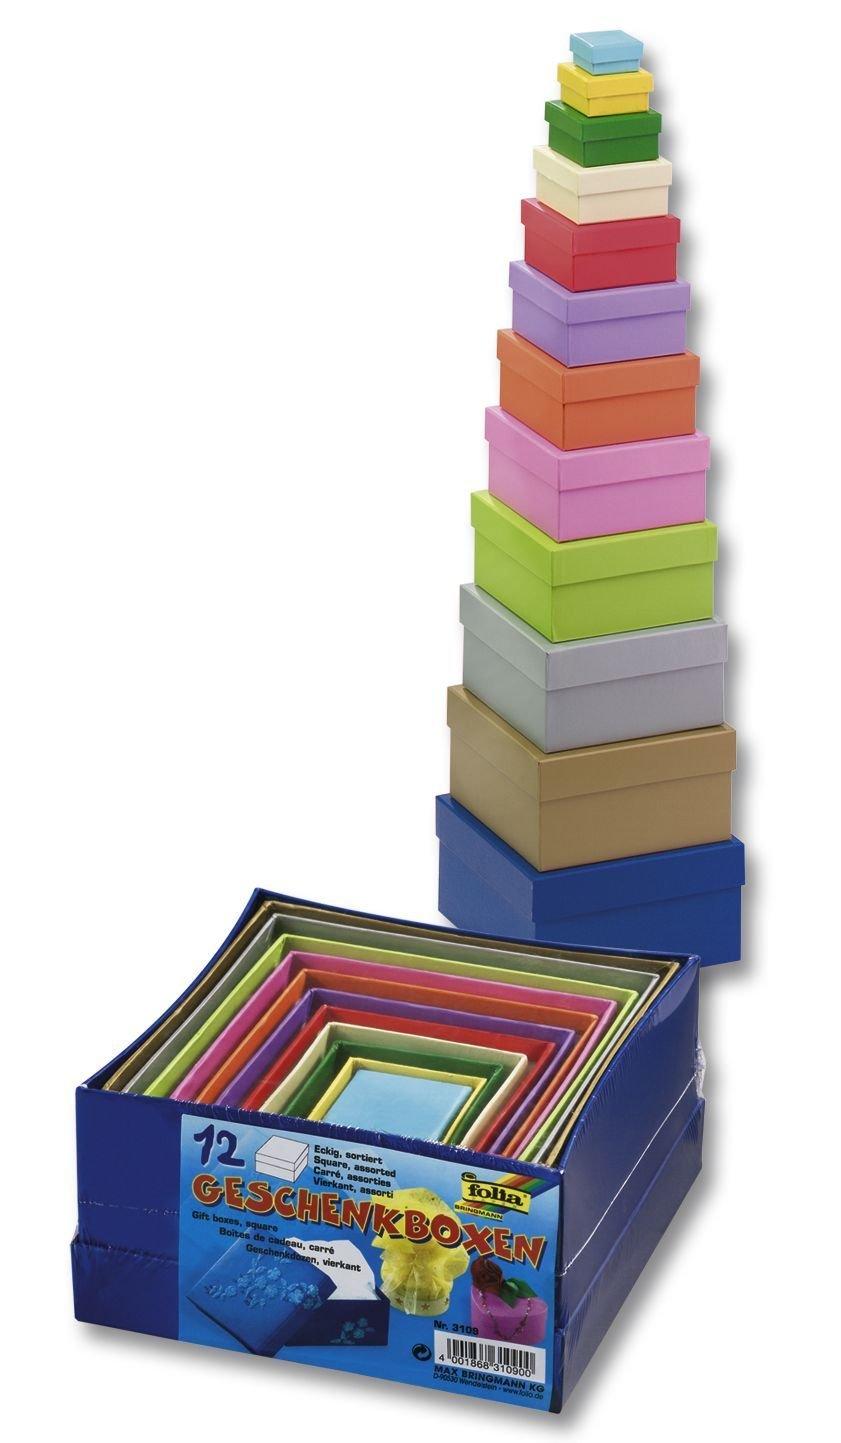 Glorex GmbH 6 2027 102 Geschenkboxen, Qualität eckig, Pappe, 14 x 14 x 7,5 cm, mehrfarbig Qualität eckig Folia 3109